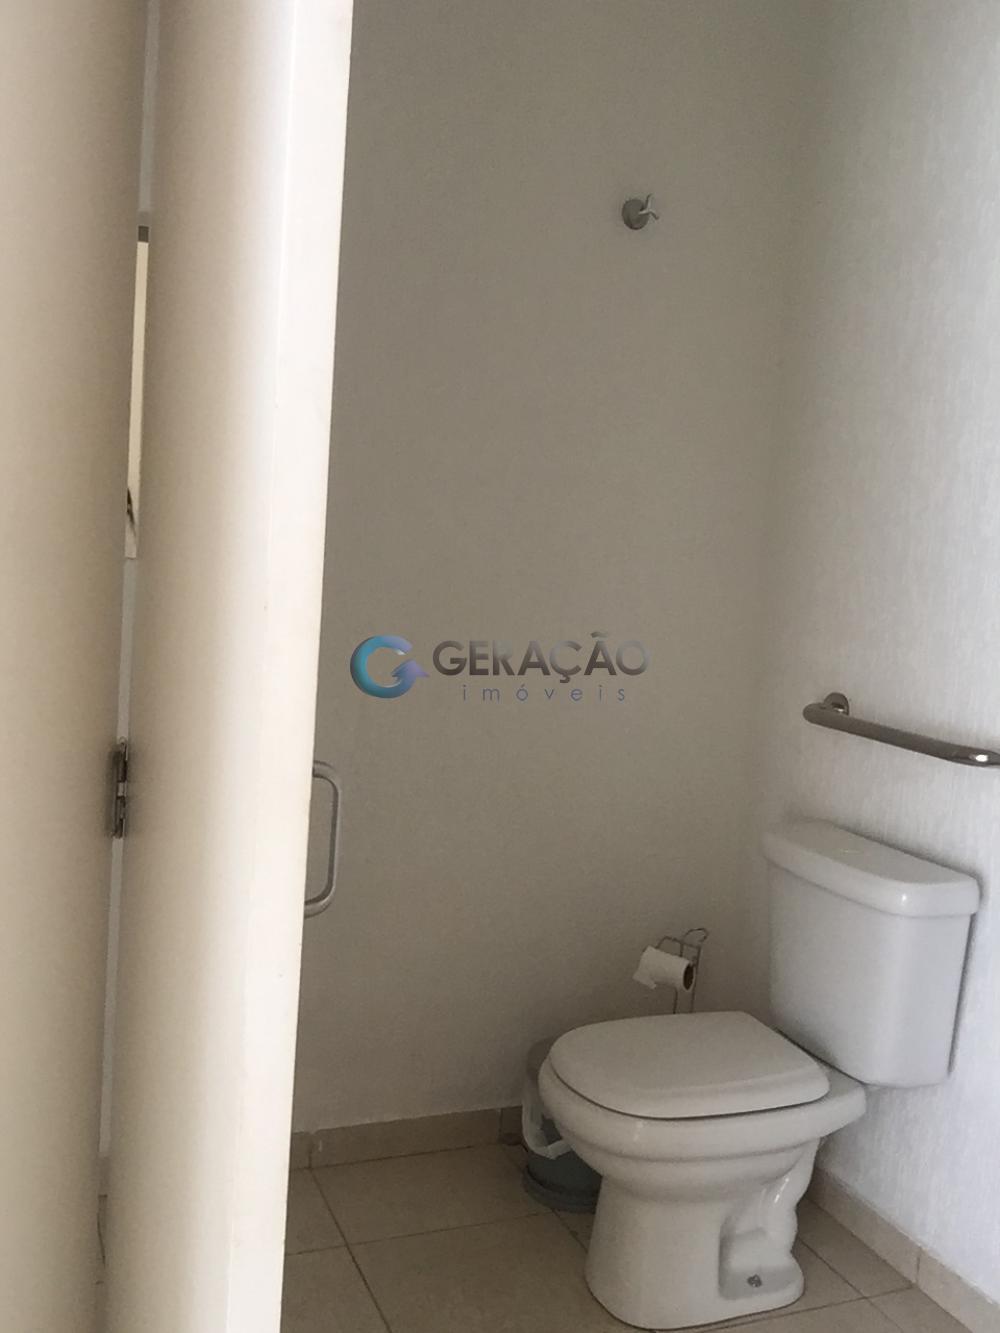 Alugar Comercial / Ponto Comercial em São José dos Campos R$ 8.000,00 - Foto 4